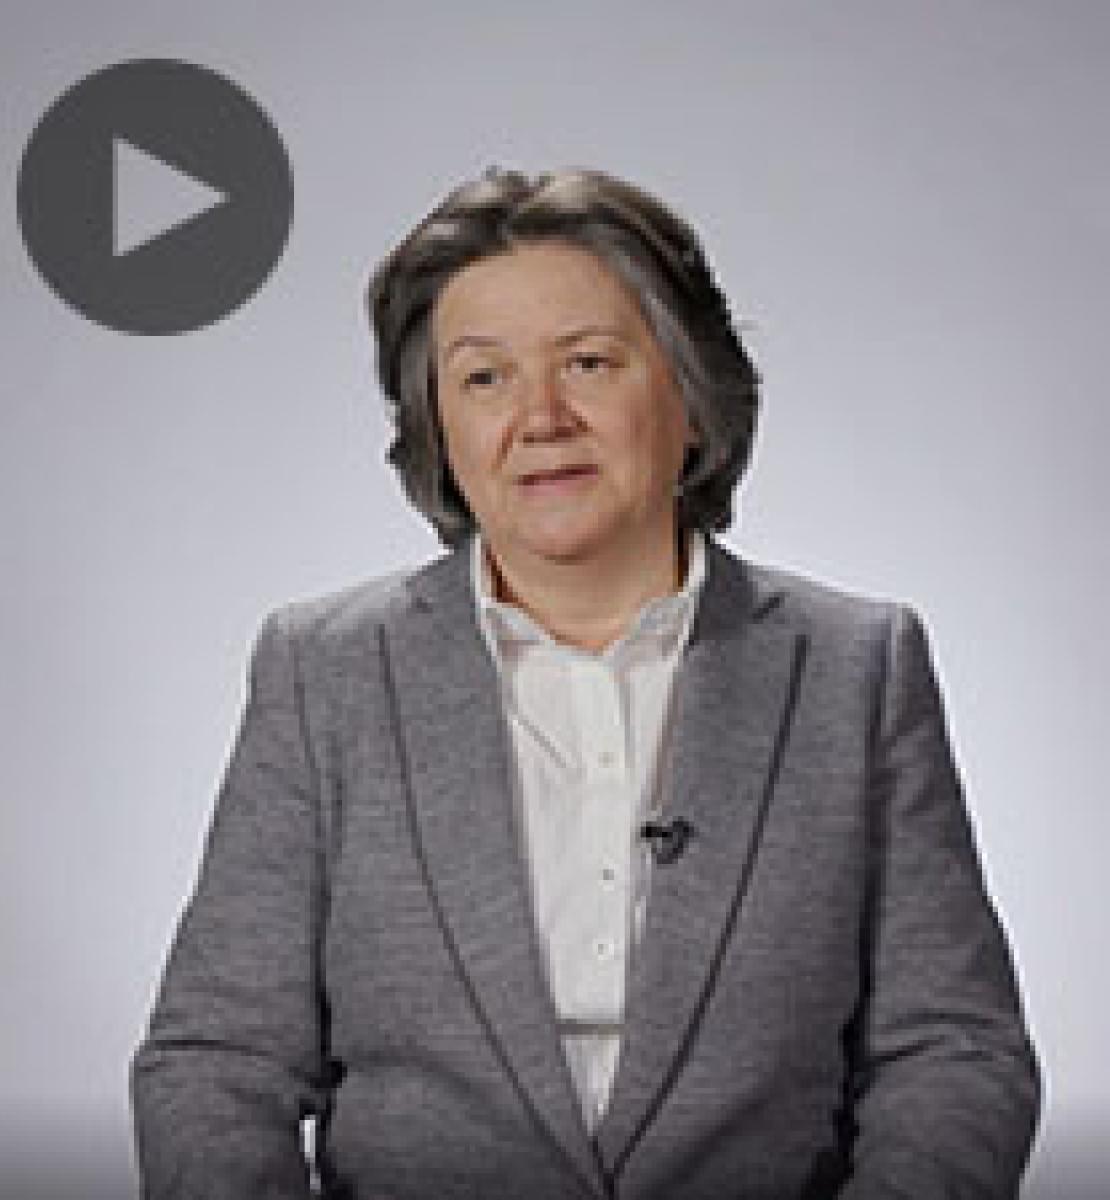 Screenshot from video message shows Resident Coordinator, Jessica Faieta